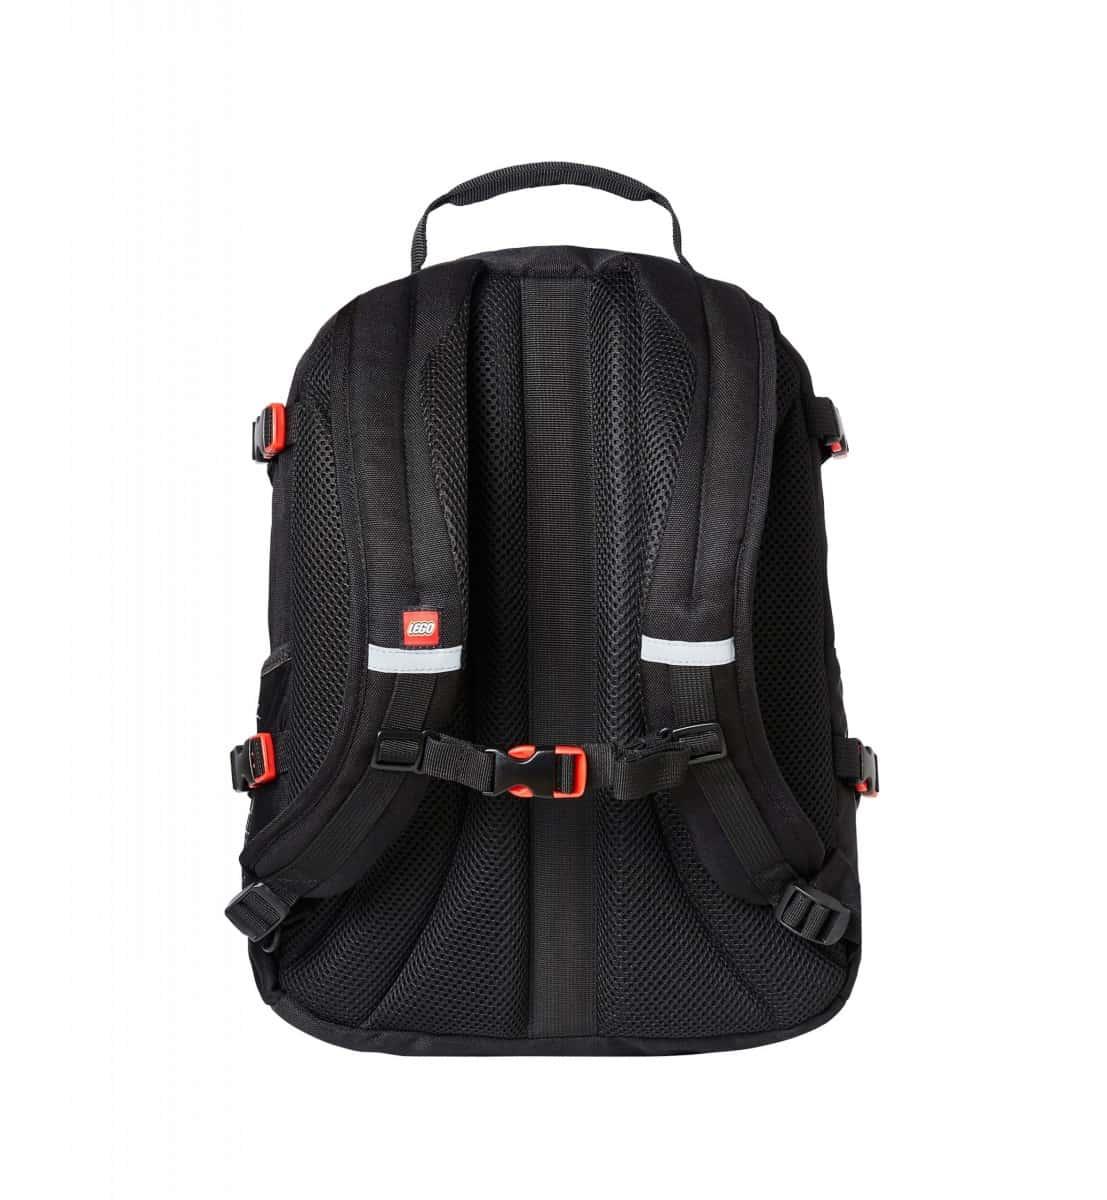 lego 5005924 teen minifigure backpack scaled